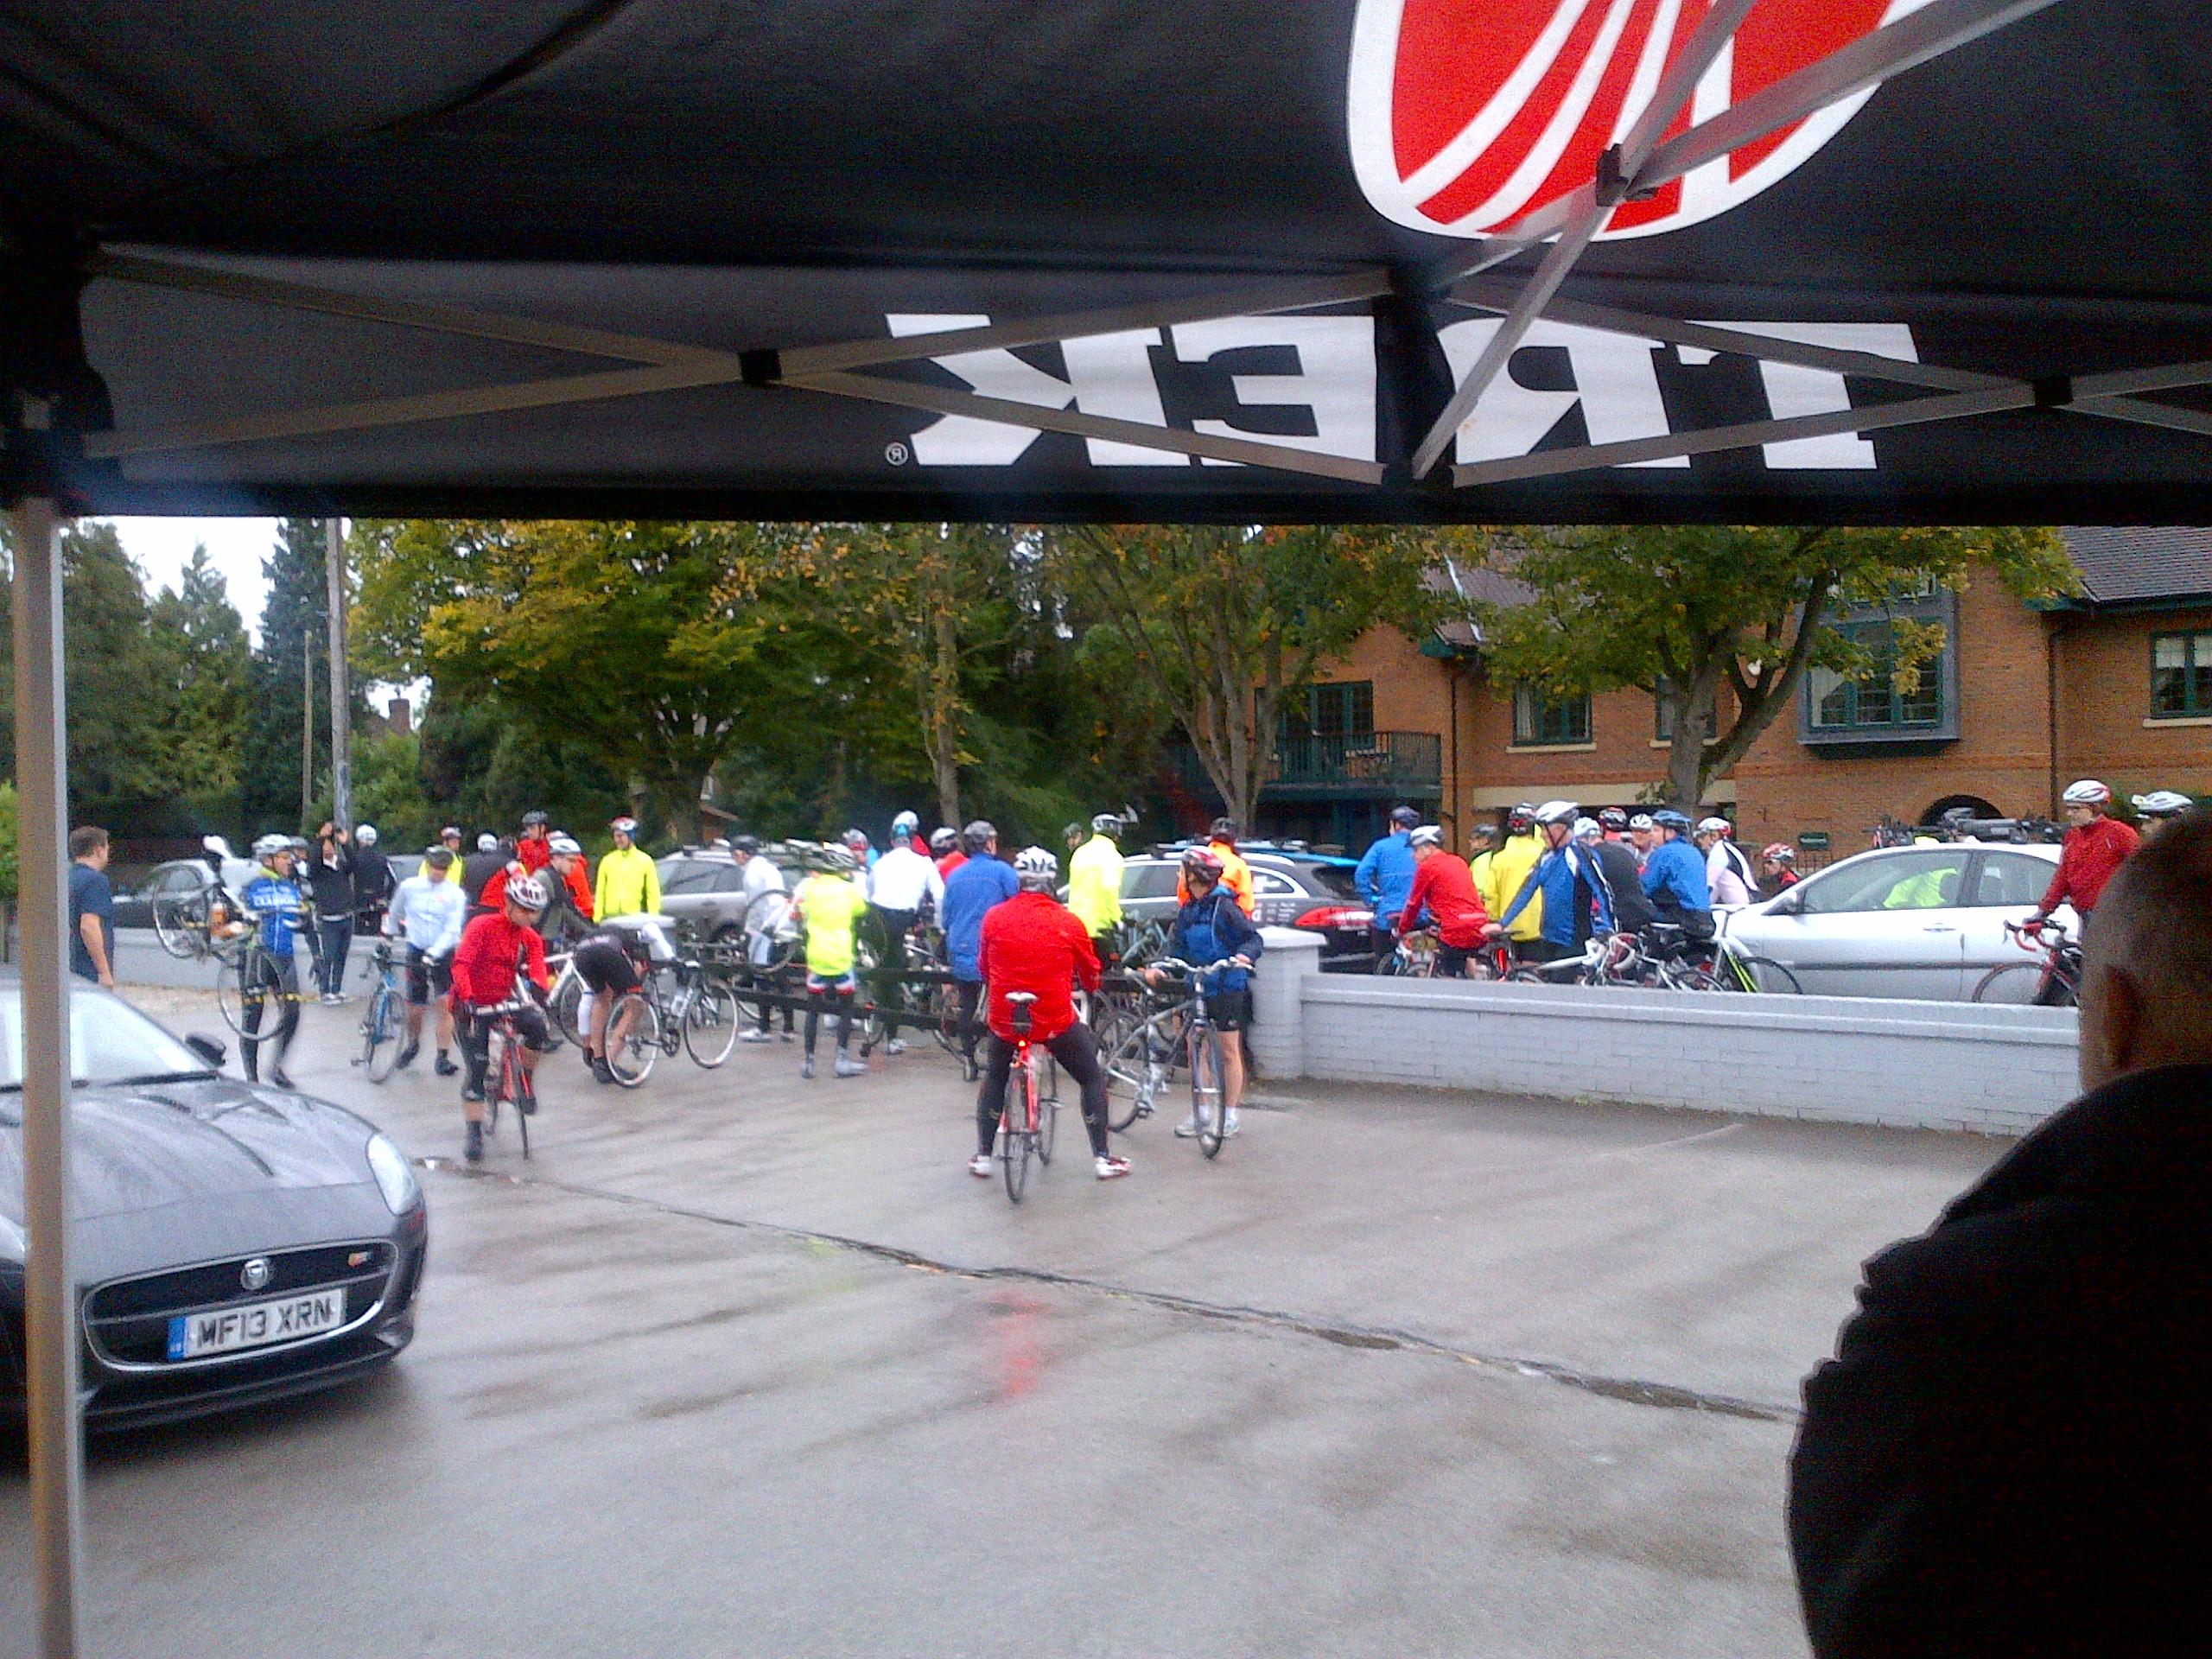 rijo42 Support Royles Jaguar Ride Like A Pro